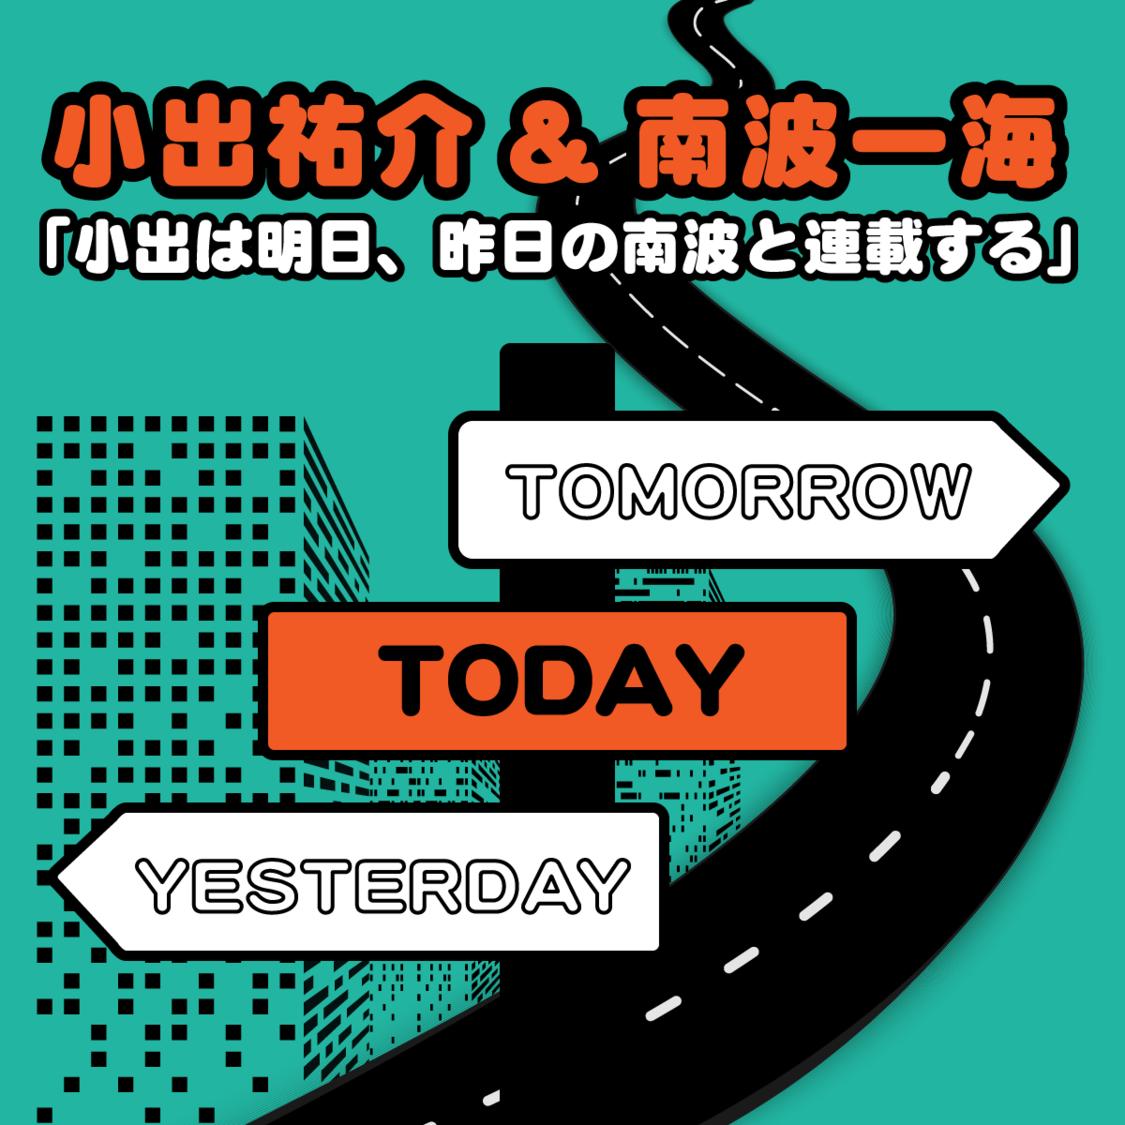 第24回:nuance、EMOE、加納エミリ〜小出祐介&南波一海「小出は明日、昨日の南波と連載する」〜